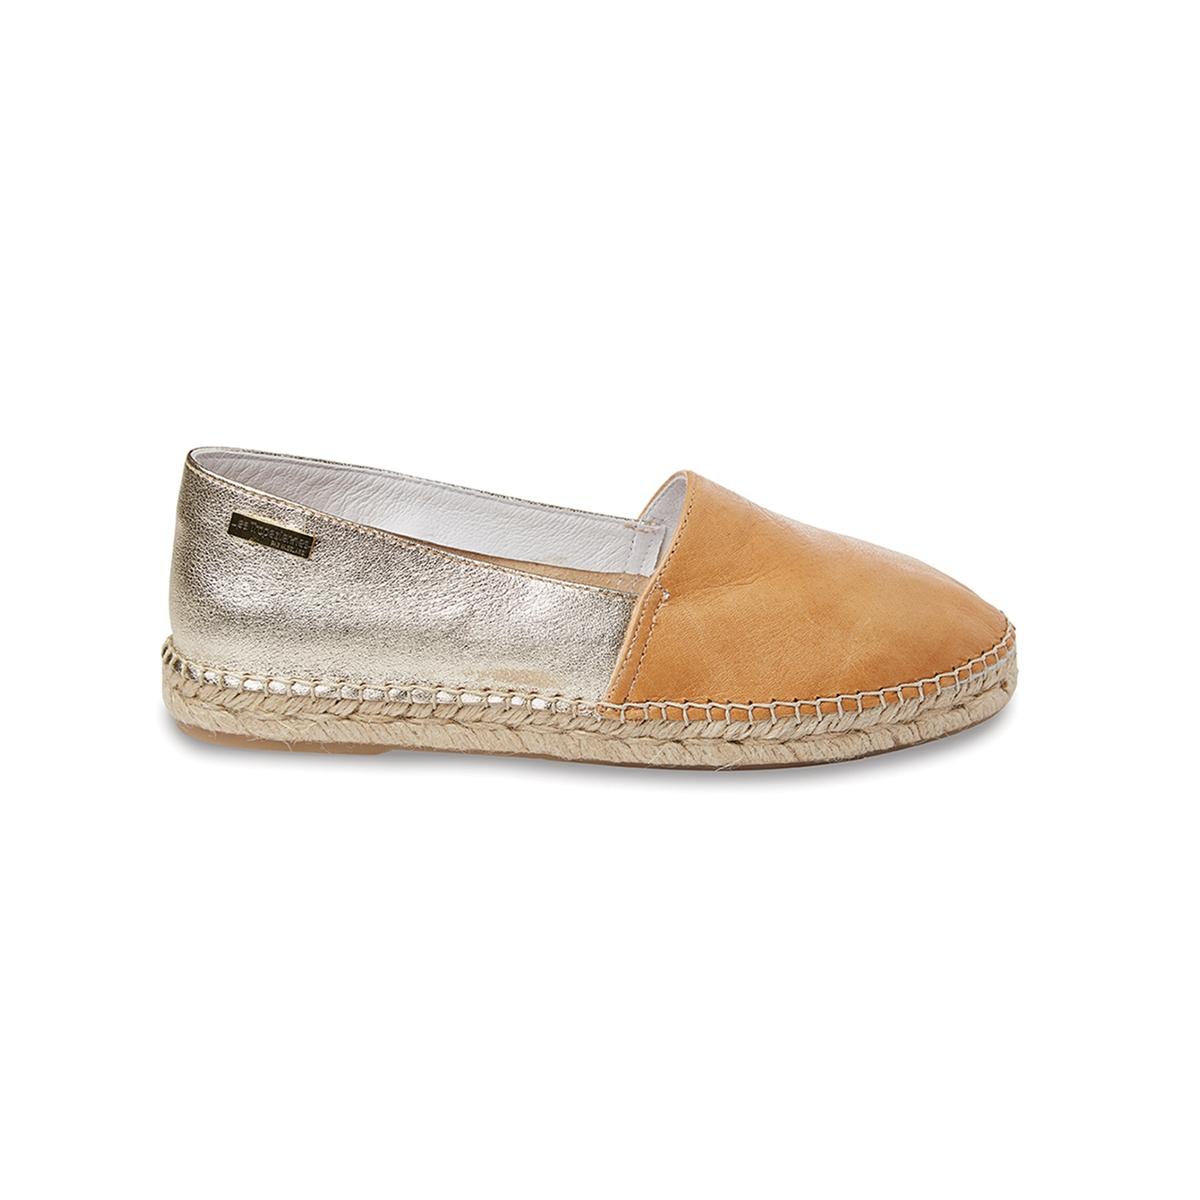 Туфли из кожи DoveВерх: кожа.   Стелька: кожа.  Подошва: синтетика.Форма каблука: плоский каблук.  Мысок: закругленный.Застежка: без застежки.<br><br>Цвет: Оранжевый/золотистый<br>Размер: 36